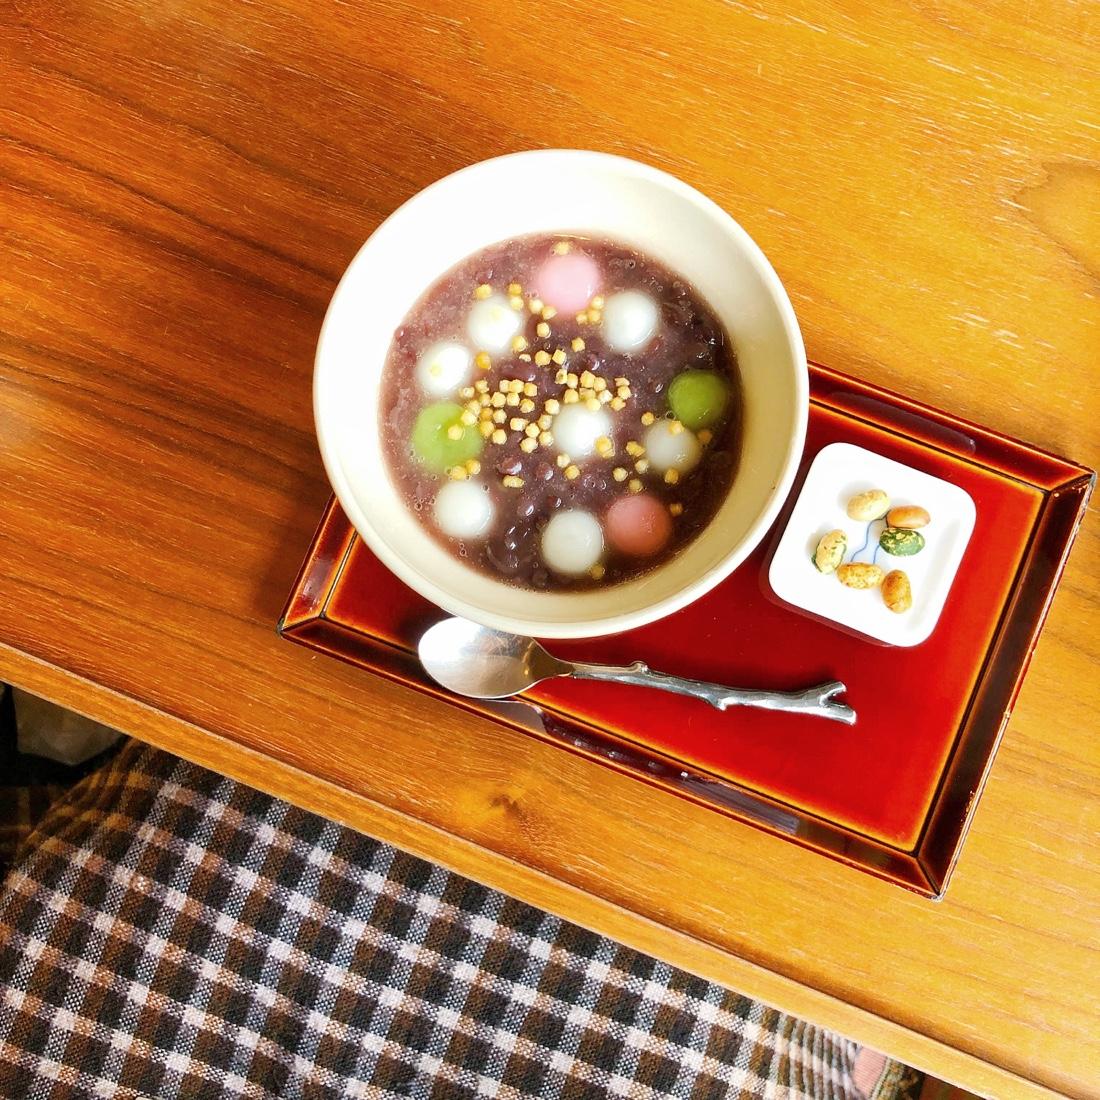 高山のカフェ青の雪玉ぜんざい